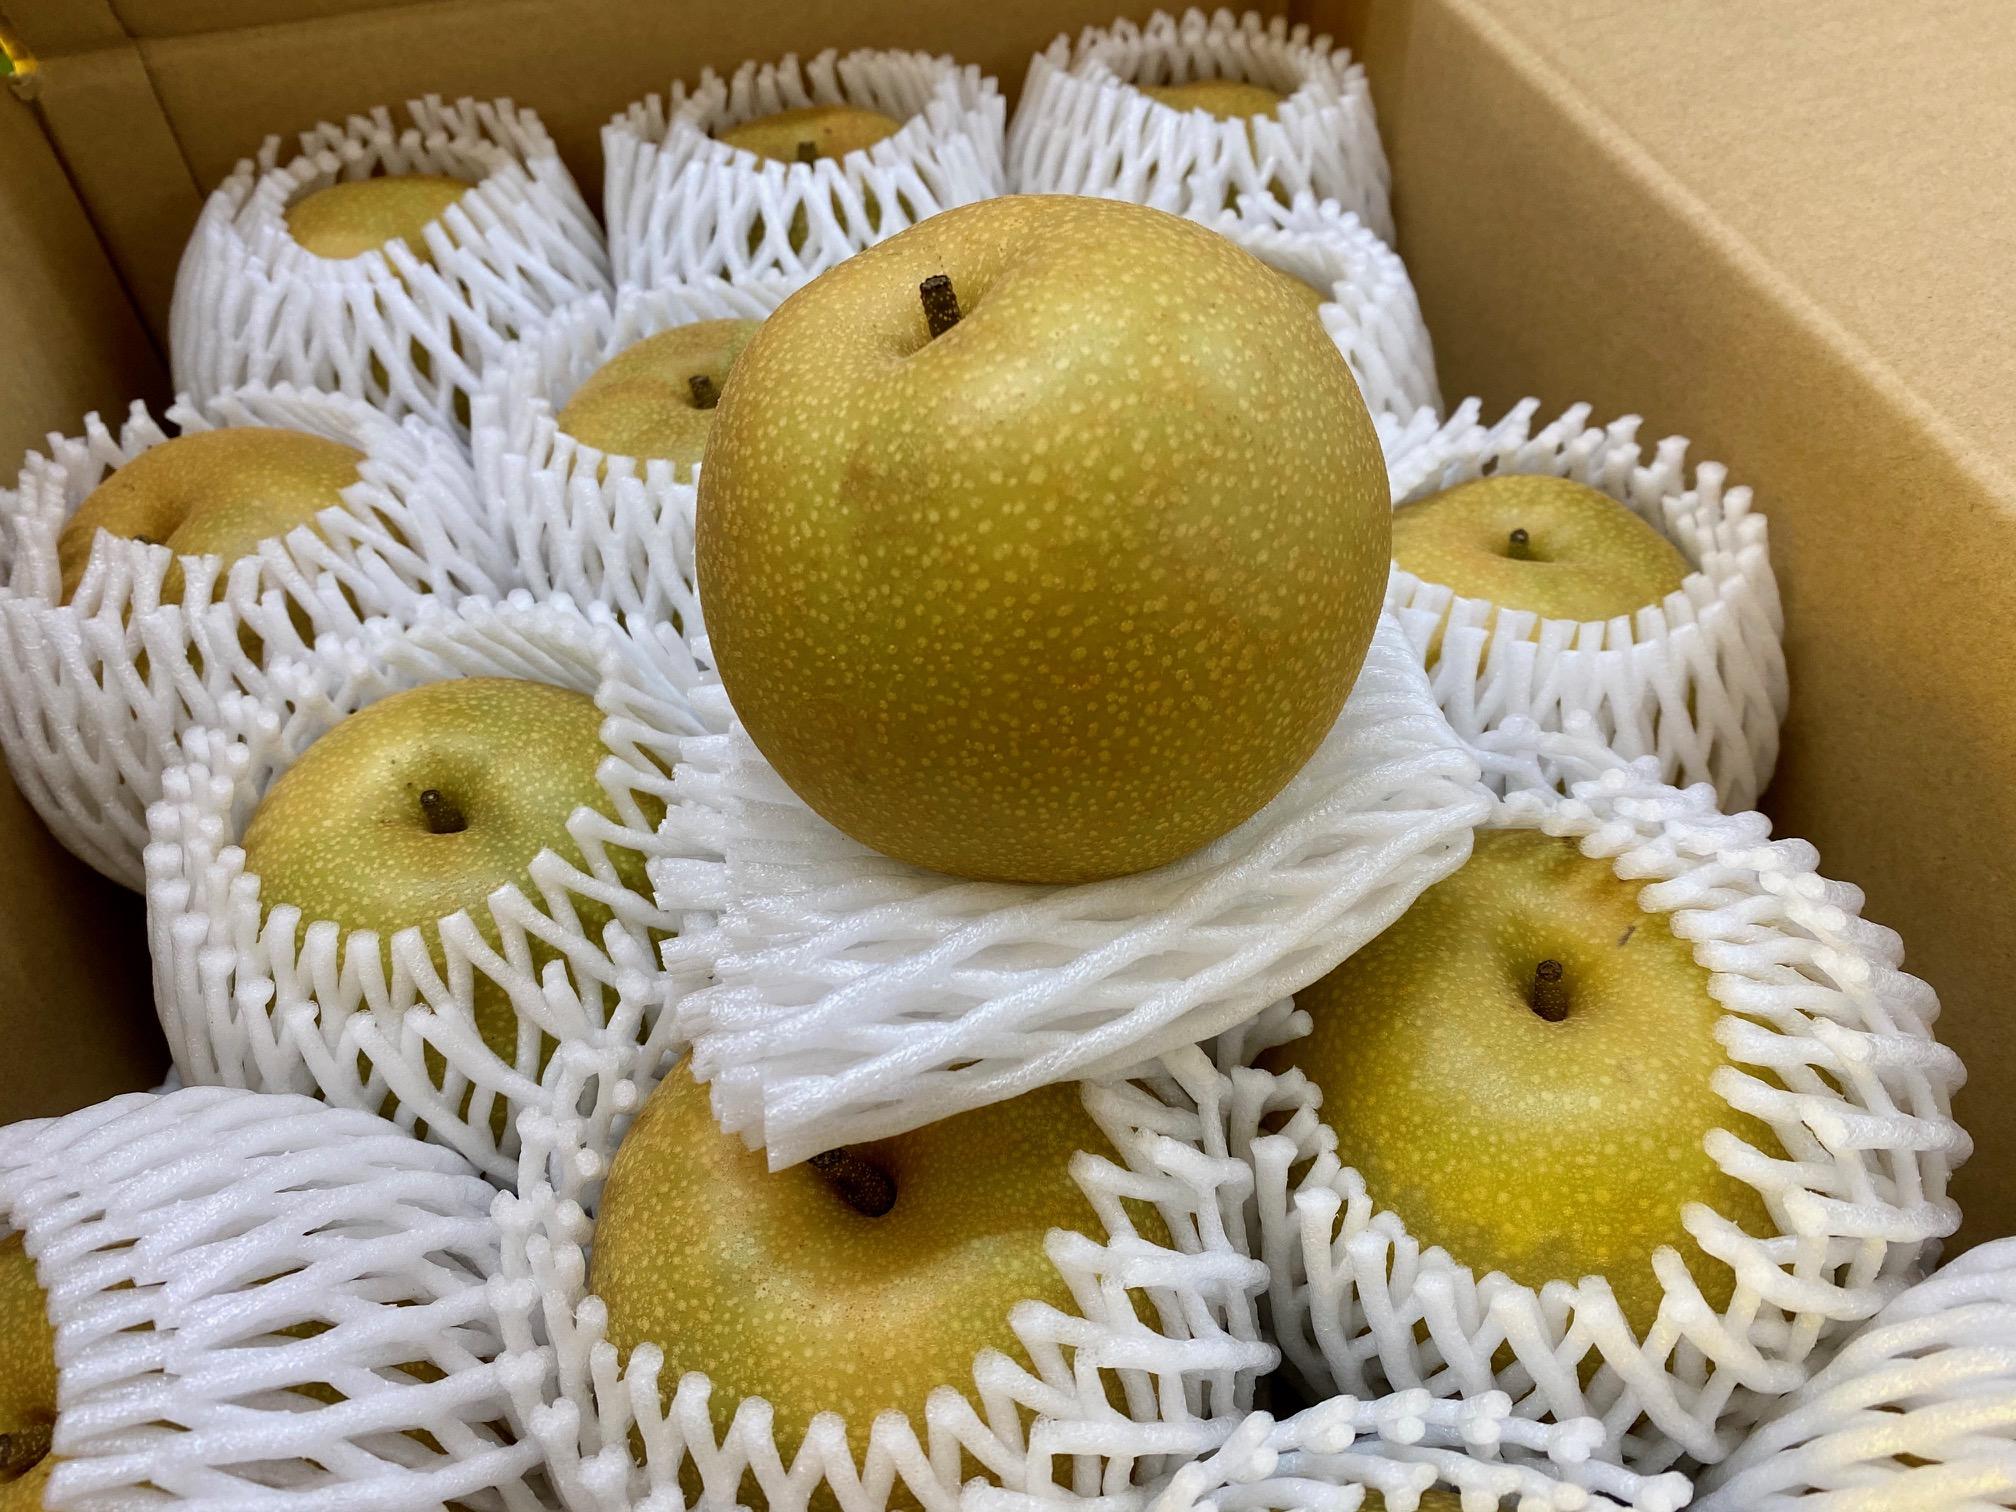 京都産の梨が入りました